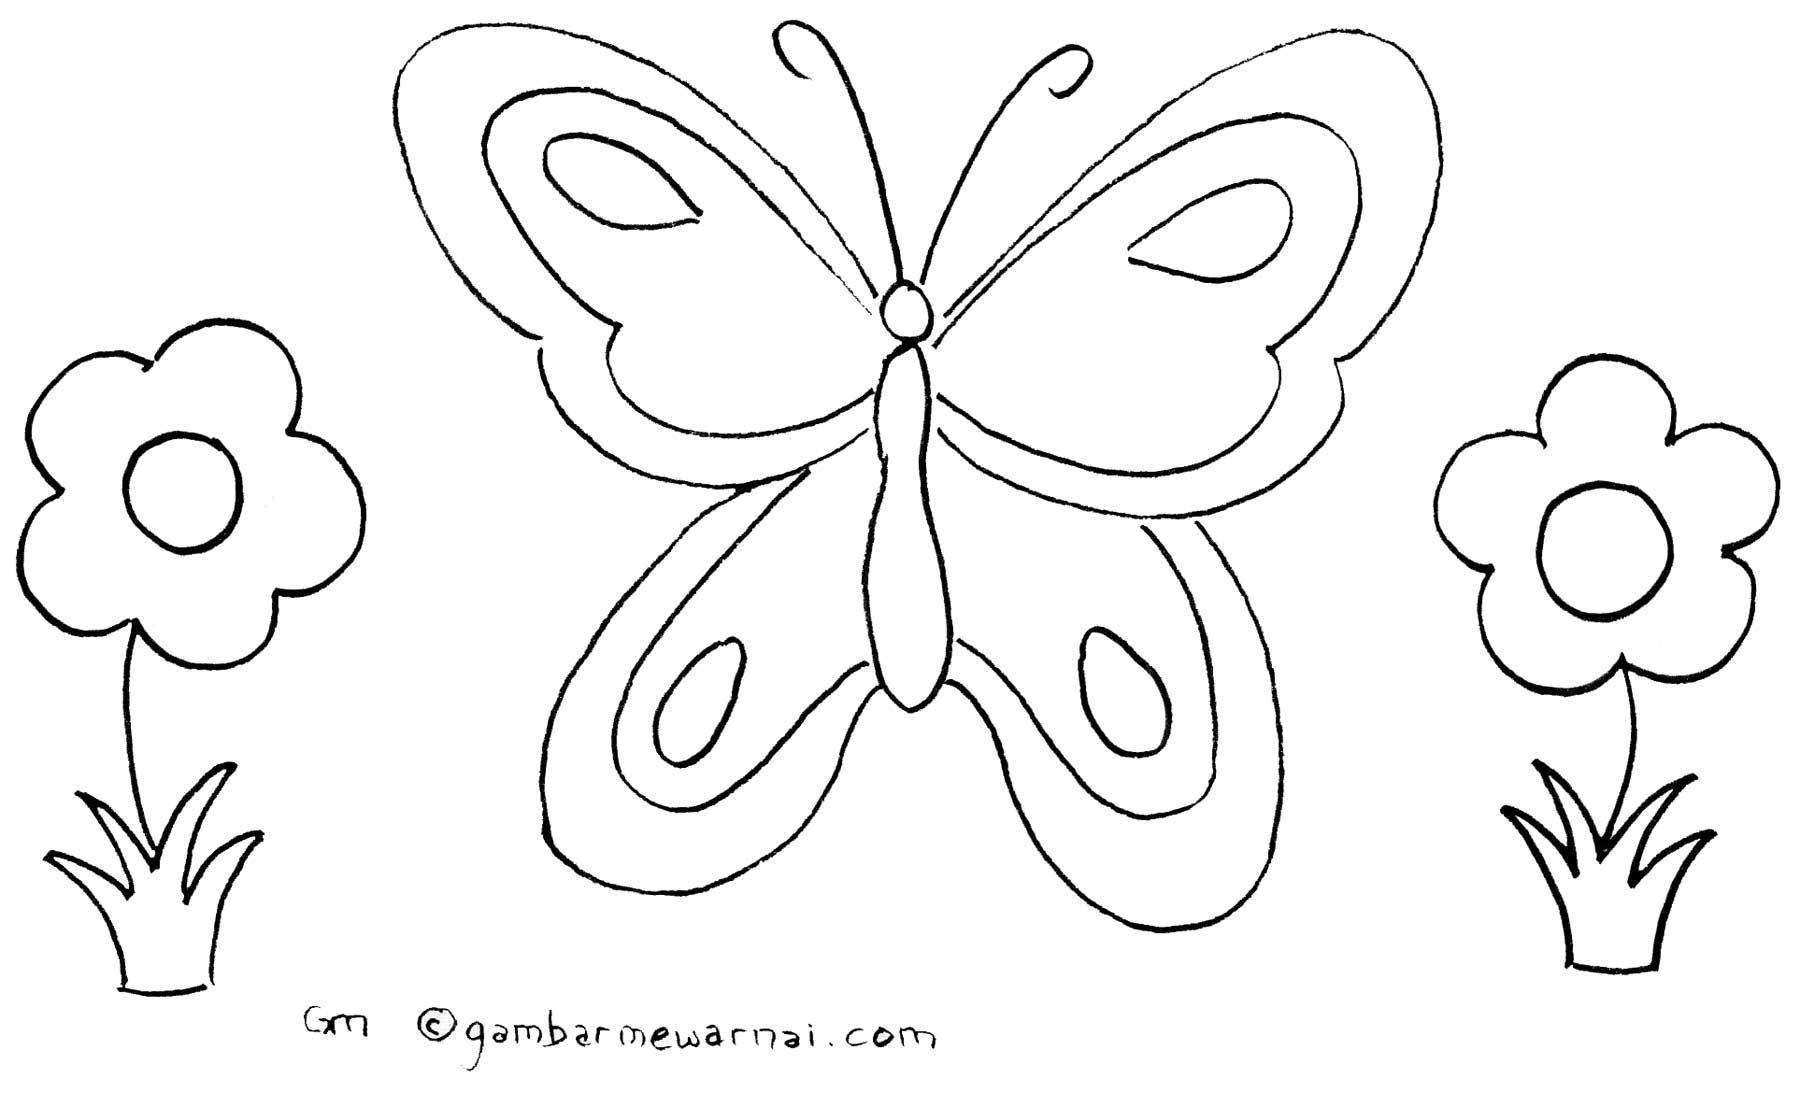 Gambar Mewarnai Kupu Kupu A Beautiful Butterfly Pinterest